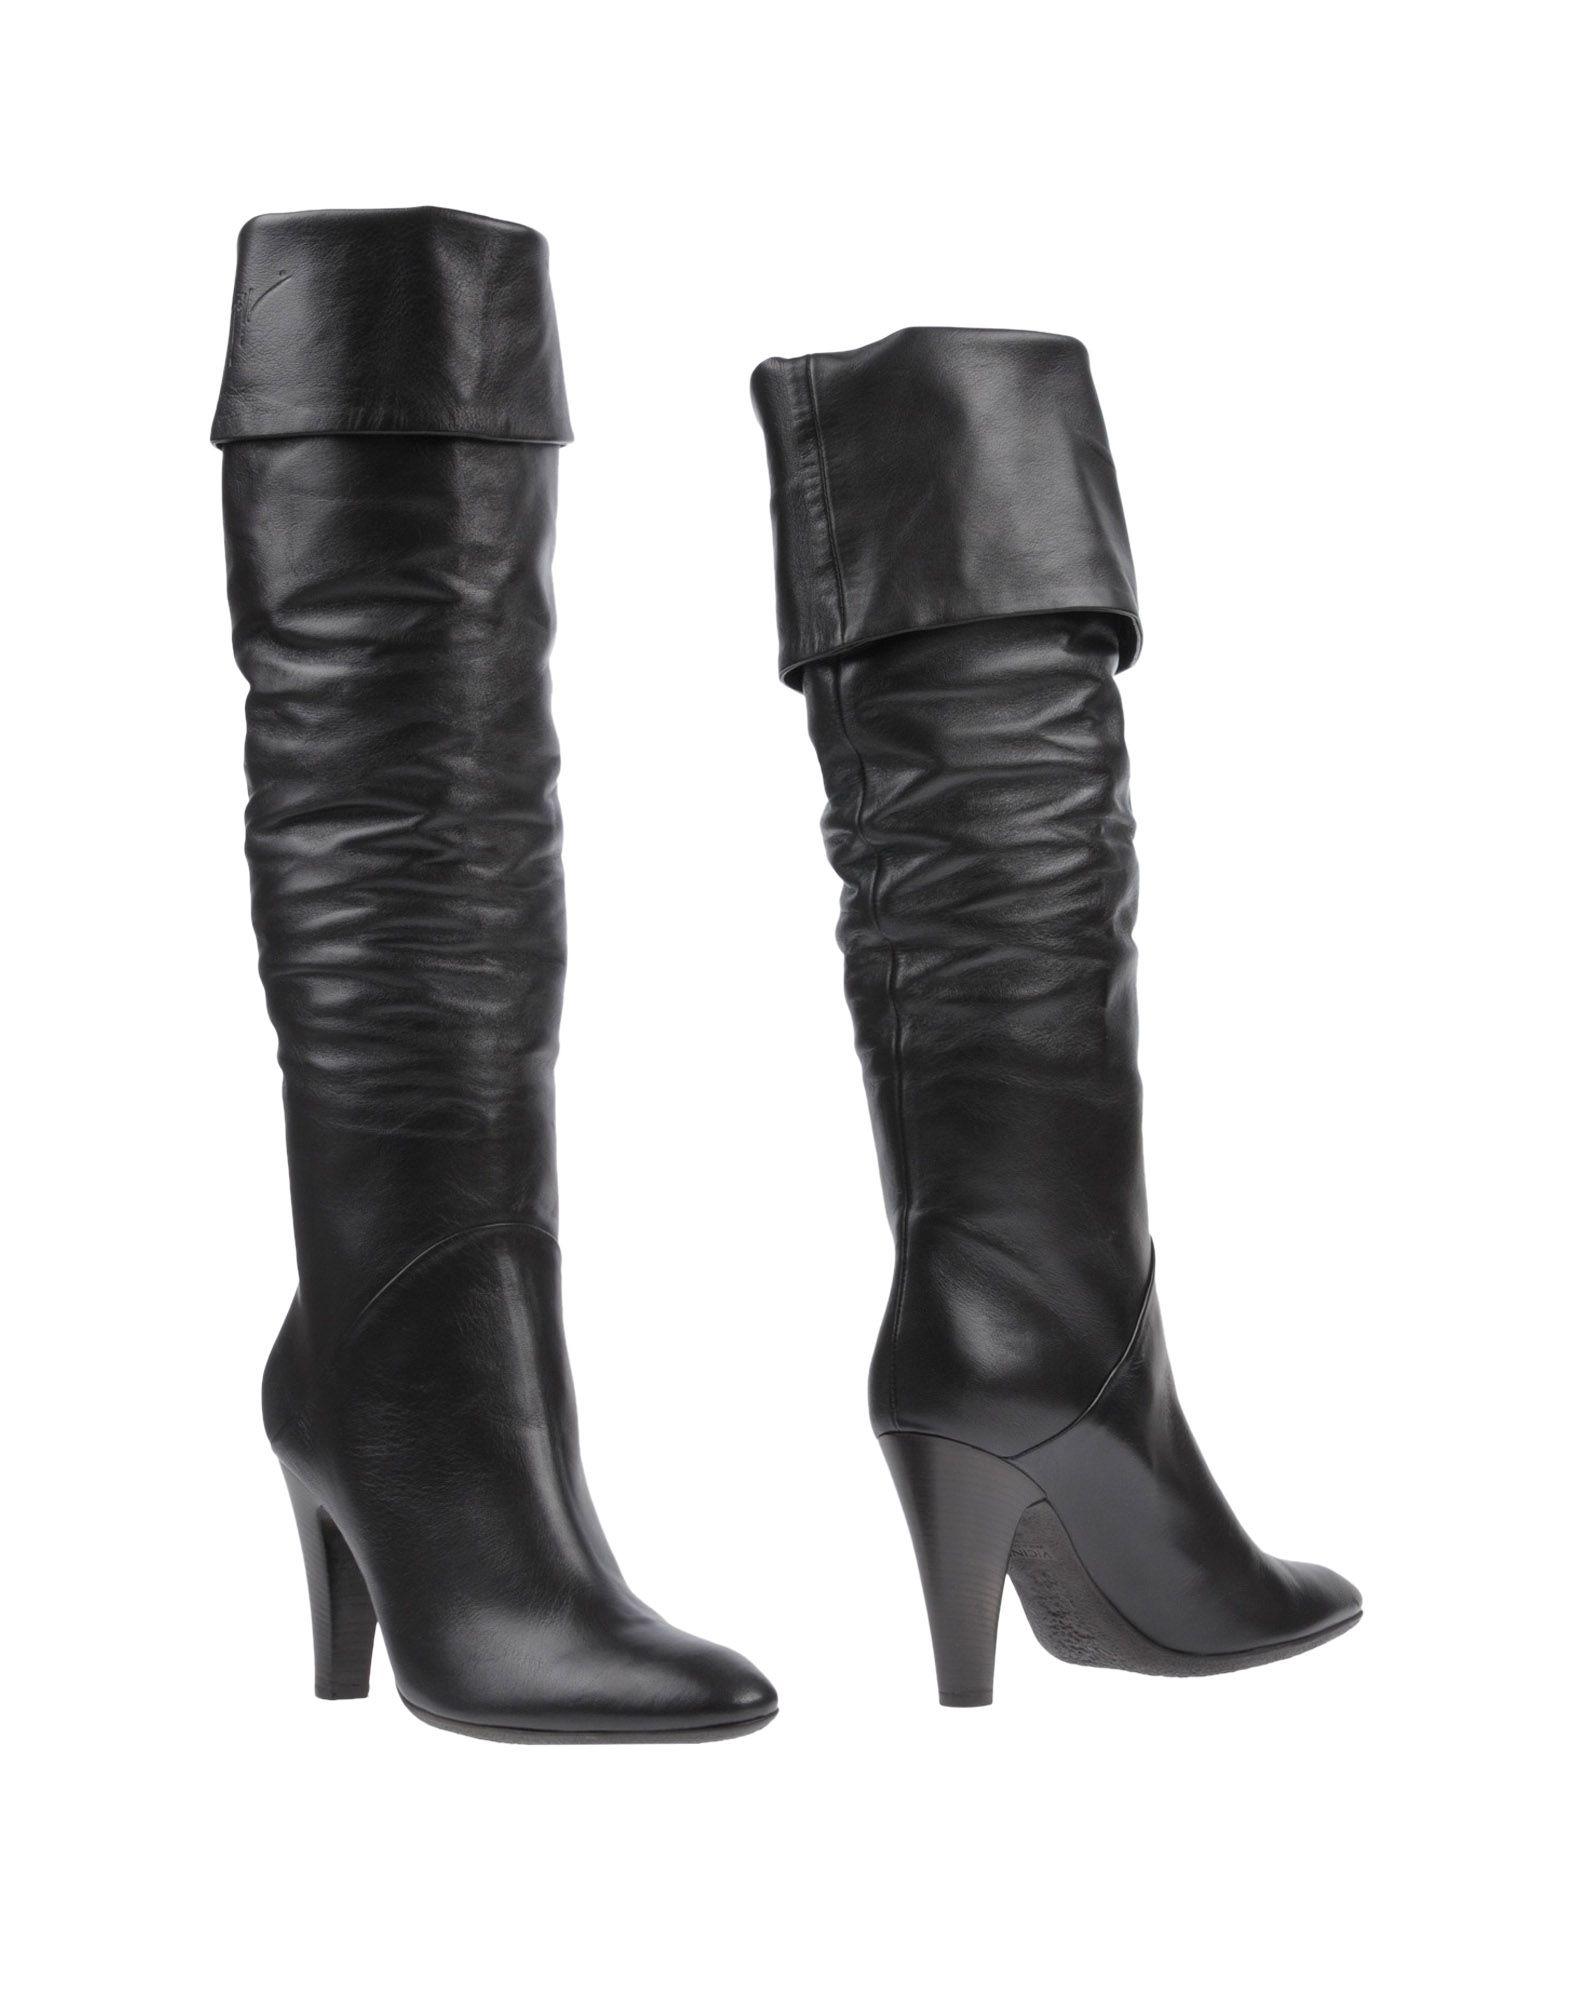 Giuseppe Zanotti Stiefel Damen Schuhe  11454347BRGünstige gut aussehende Schuhe Damen d544e9